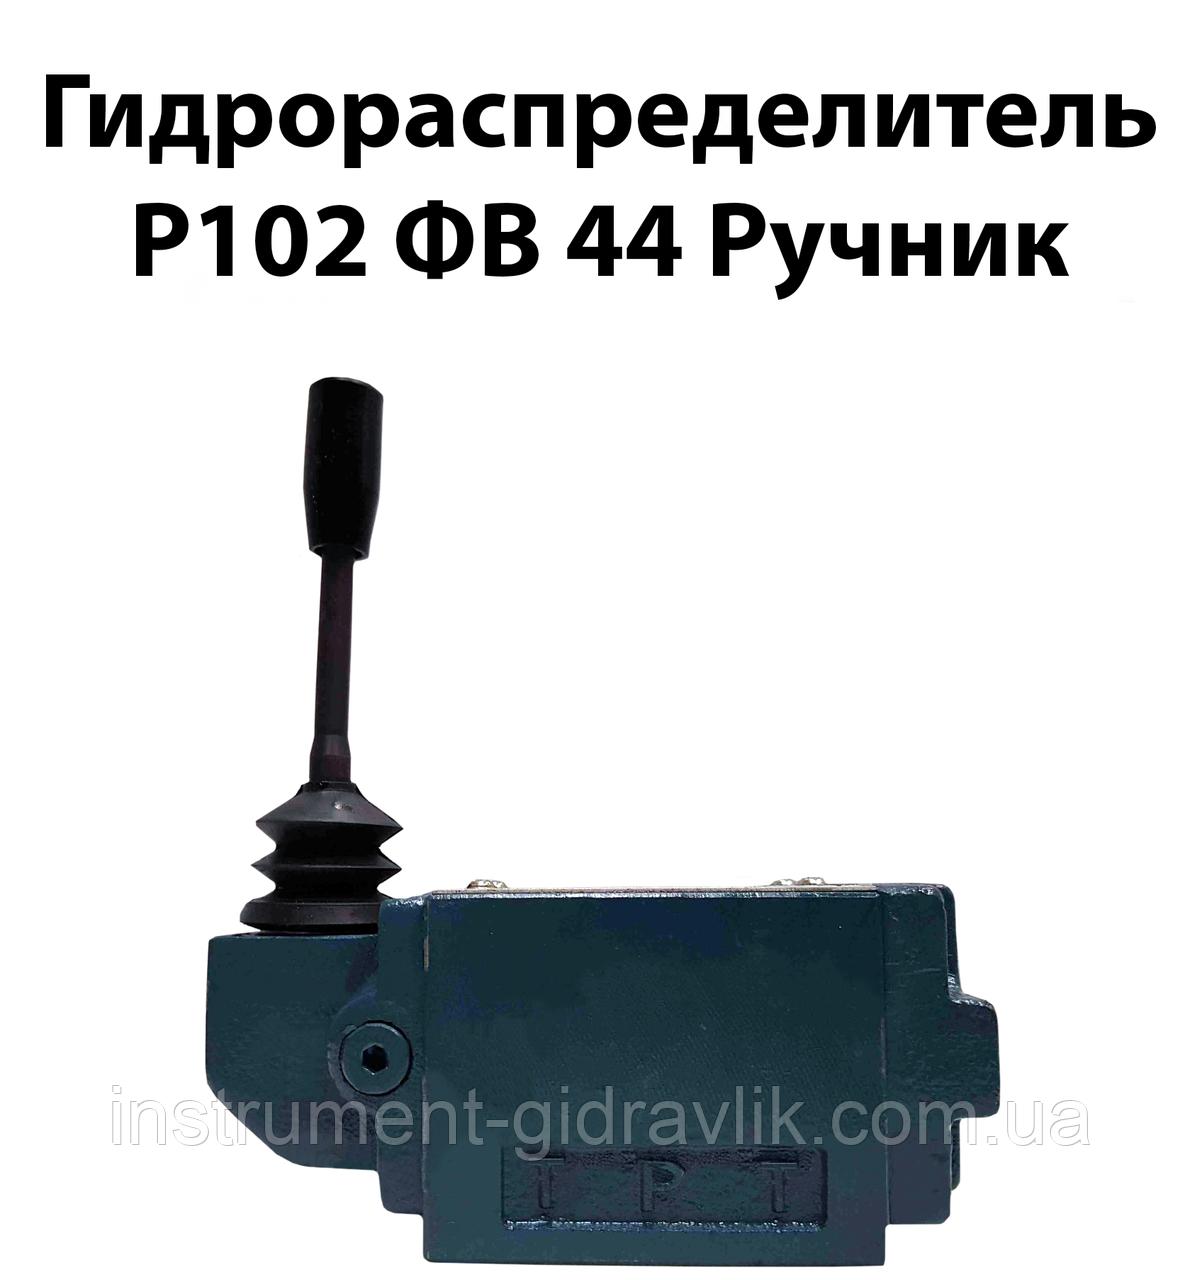 Гидрораспределитель Р 102 ФВ 44 ручник